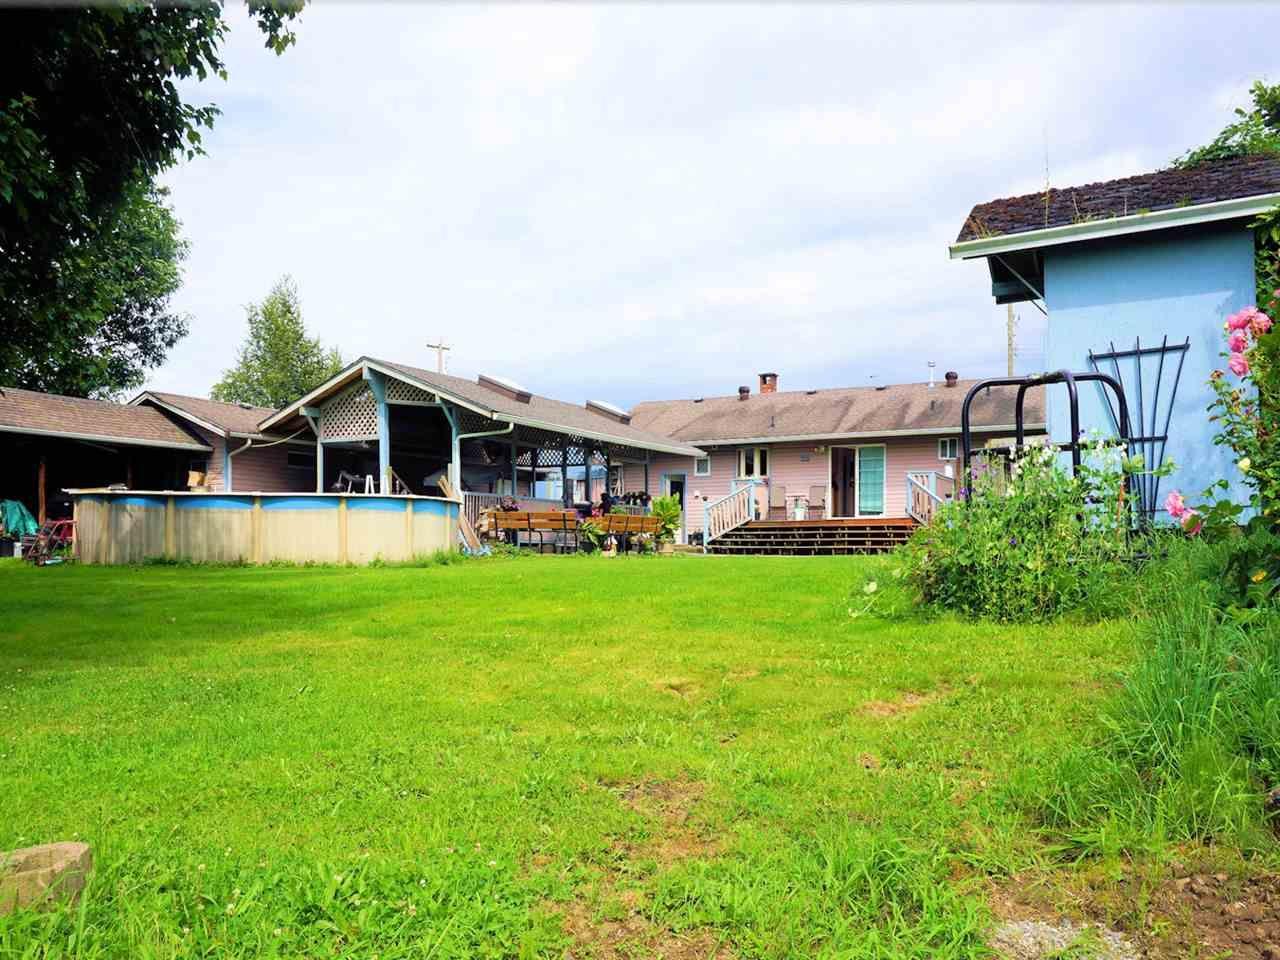 """Photo 3: Photos: 10405 MCGRATH Road in Rosedale: Rosedale Popkum House for sale in """"ROSEDALE POPKUM"""" : MLS®# R2093180"""